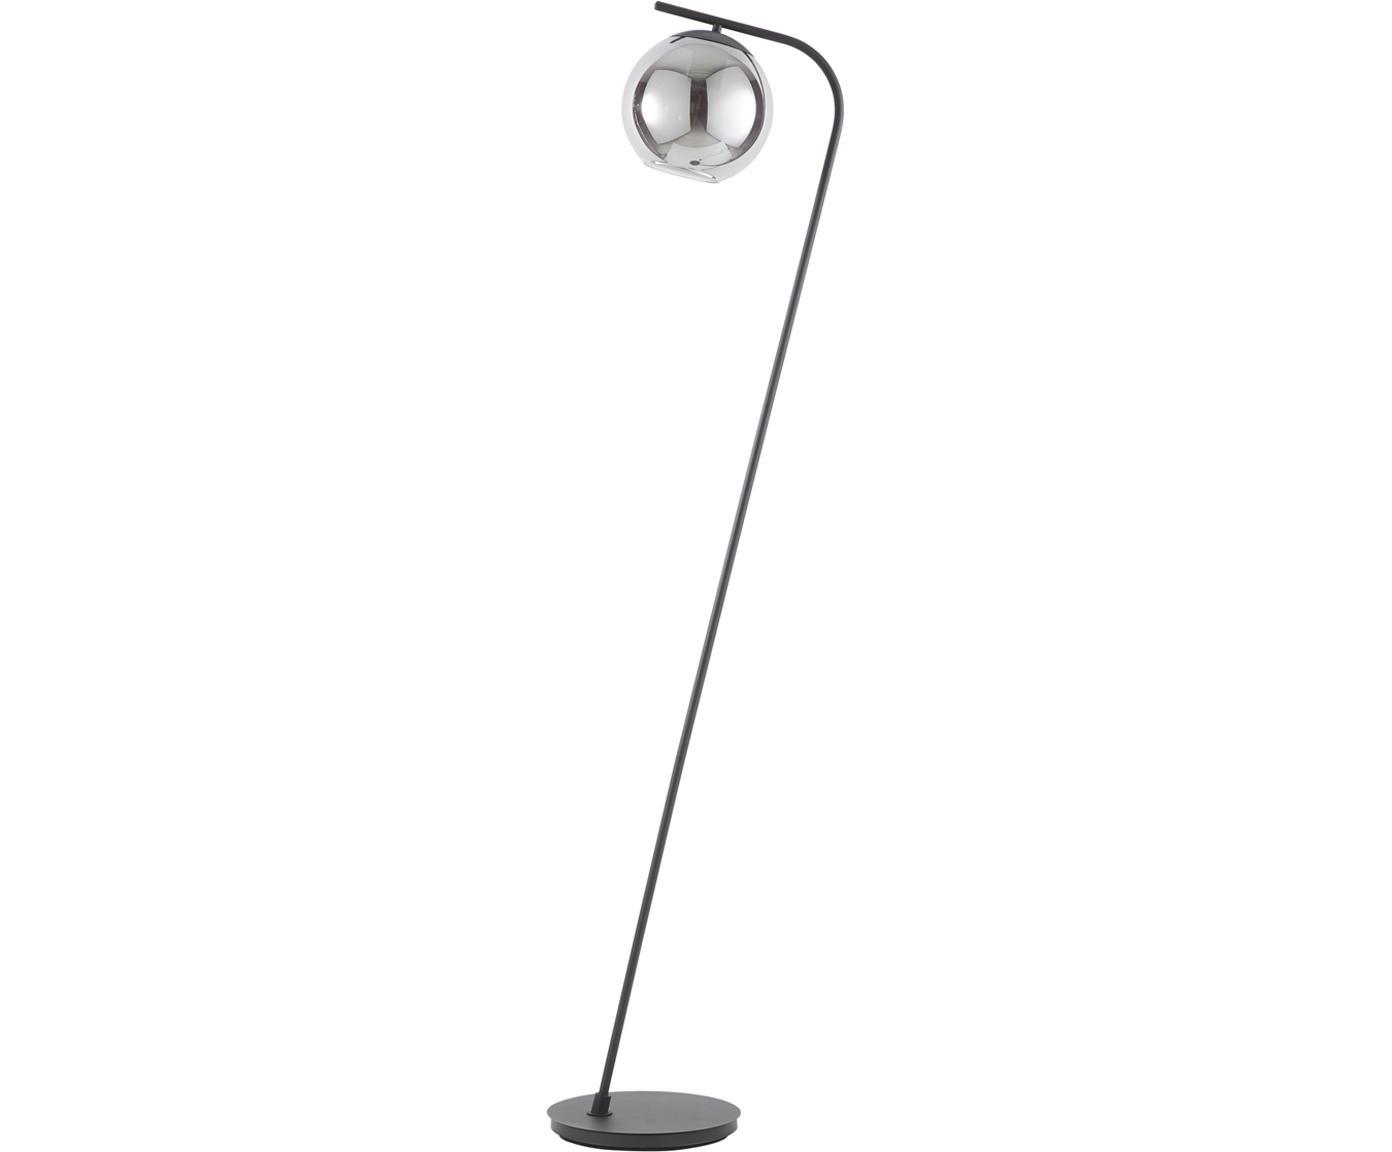 Stehlampe Amos aus dunklem Glas, Lampenschirm: Glas, Schwarz, transparent, Ø 20 x H 150 cm